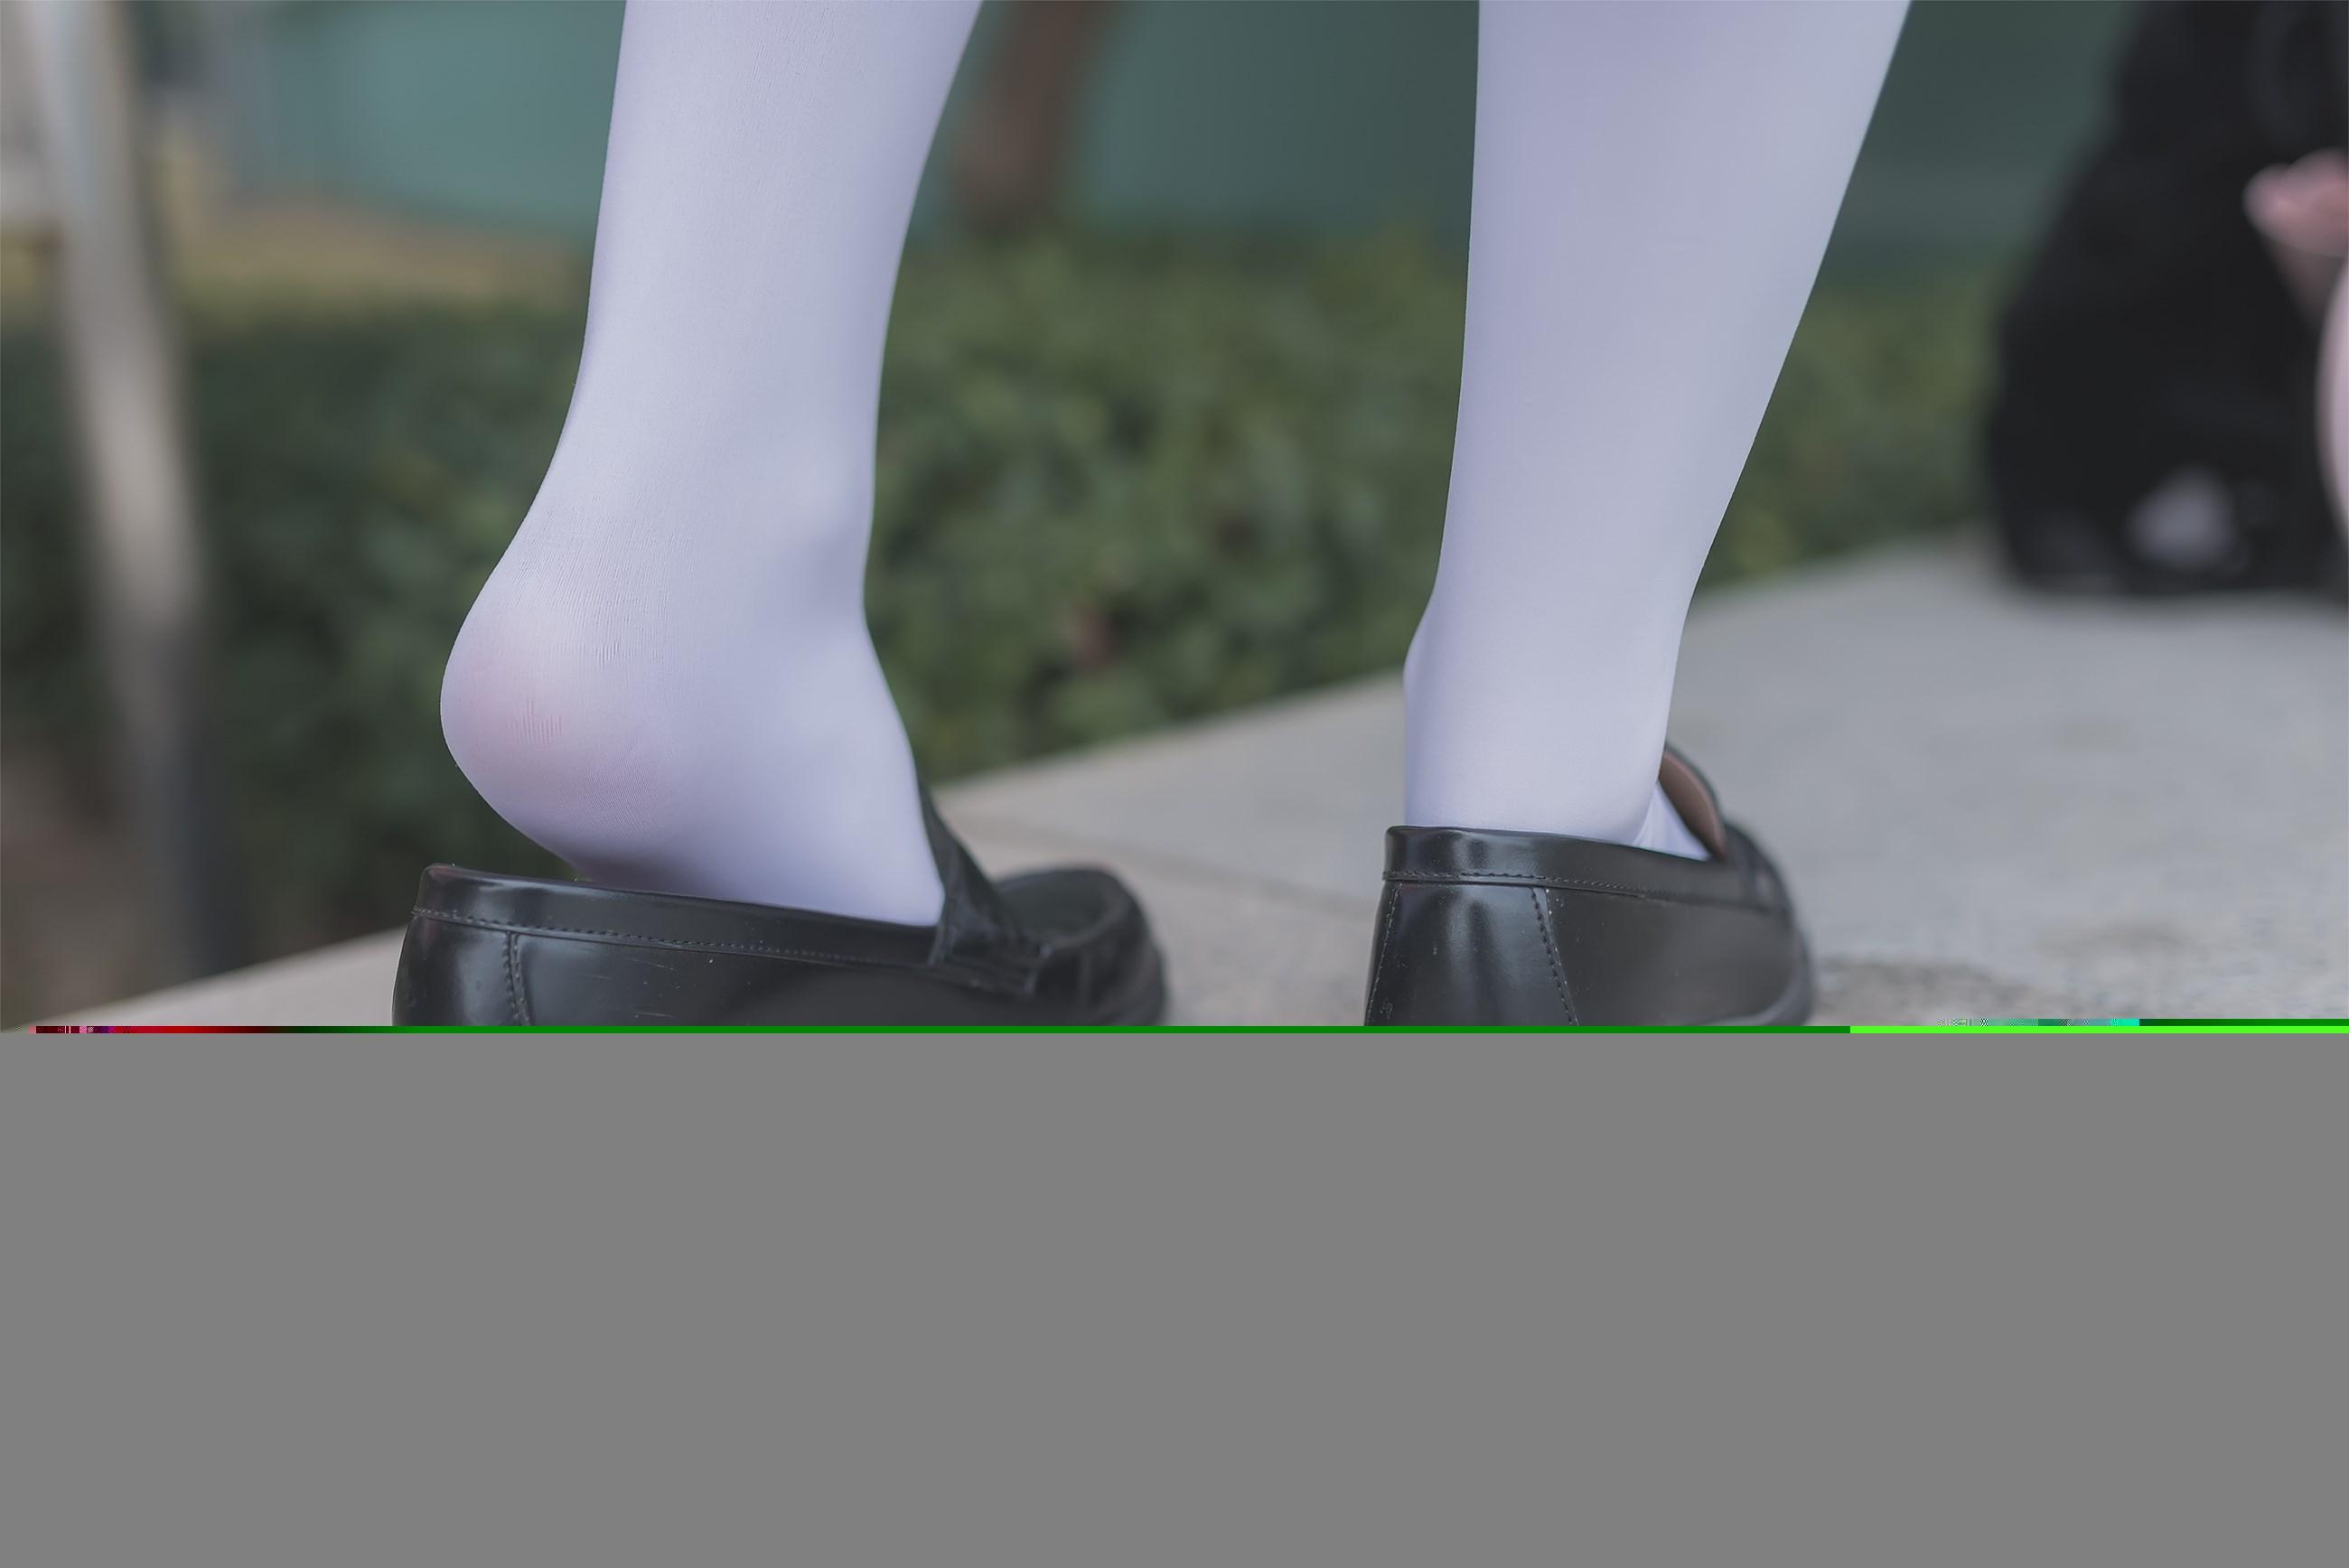 【兔玩映画】黑丝和白丝,你更喜欢哪个? 兔玩映画 第32张